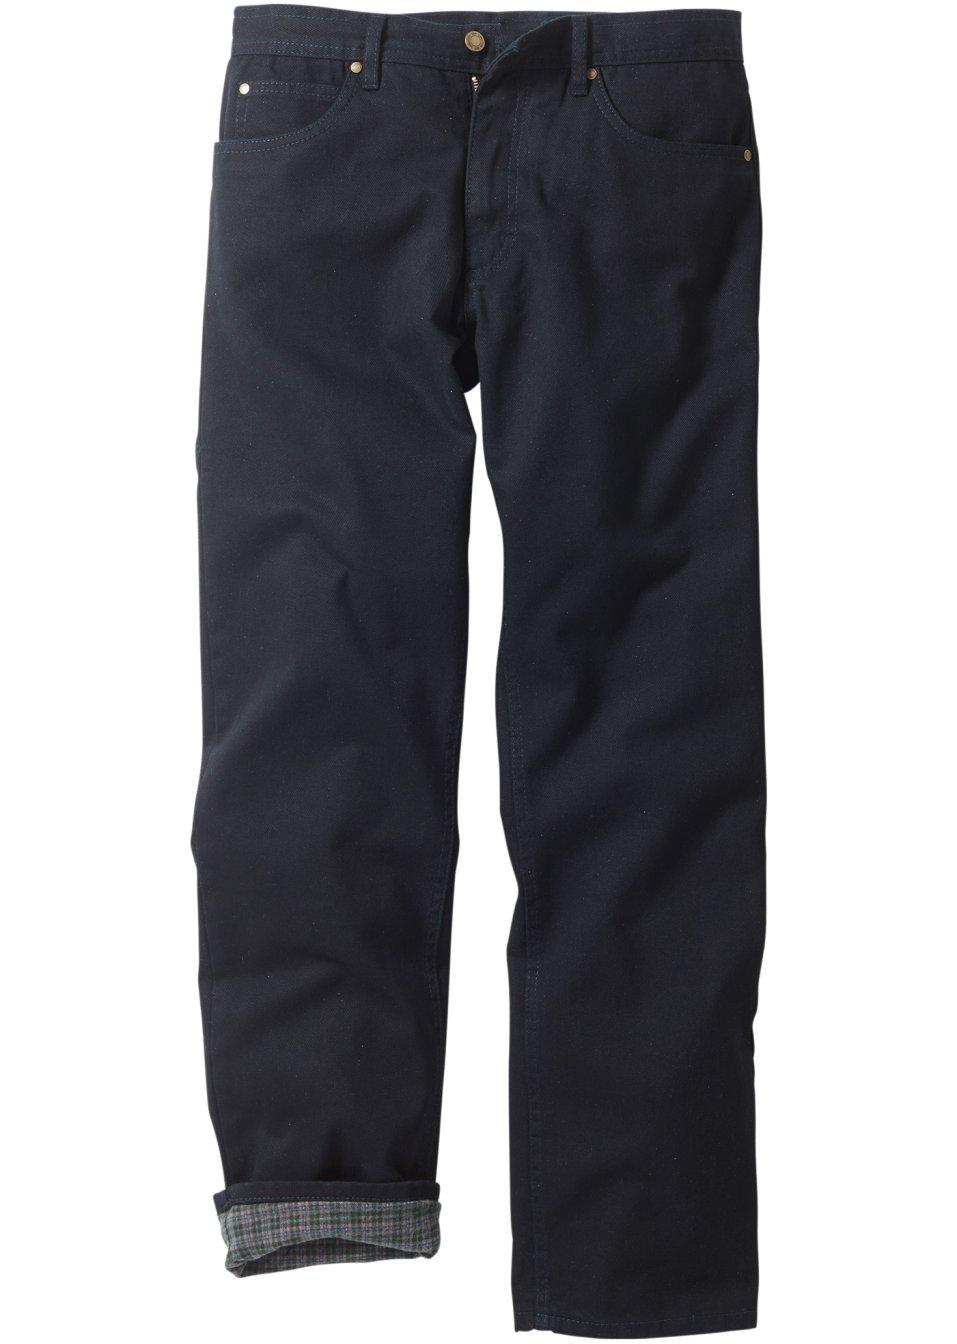 thermo jeans f r herren mit weichem flanellfutter schwarz n gr e. Black Bedroom Furniture Sets. Home Design Ideas